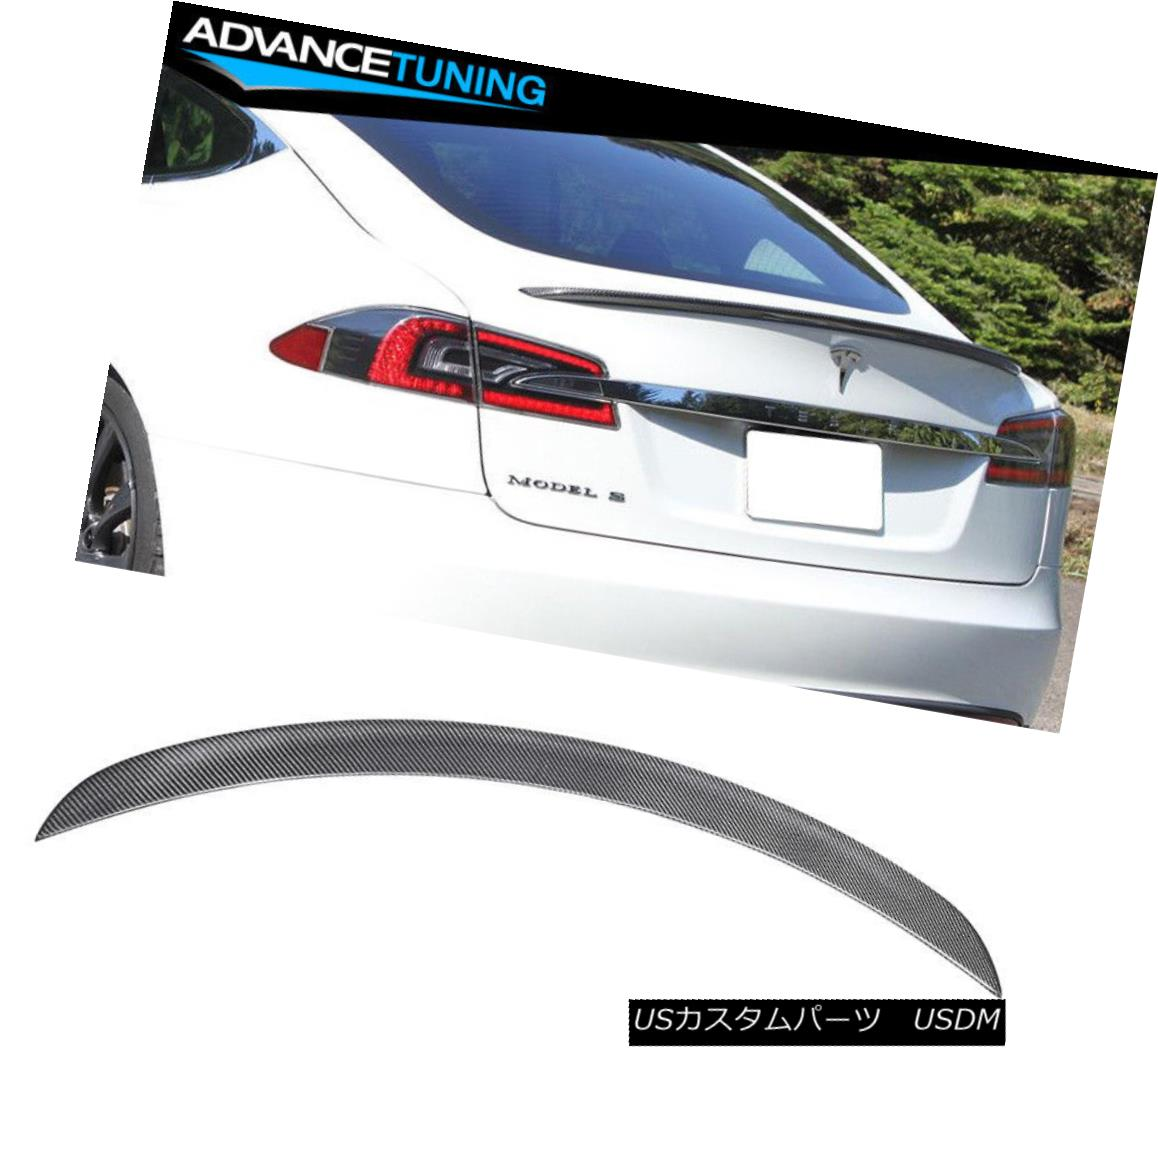 エアロパーツ 12-16 Tesla Model S Rear Trunk Spoiler Wing Carbon Fiber CF 12-16 Tesla Model SリアトランクスポイラーウィングカーボンファイバーCF